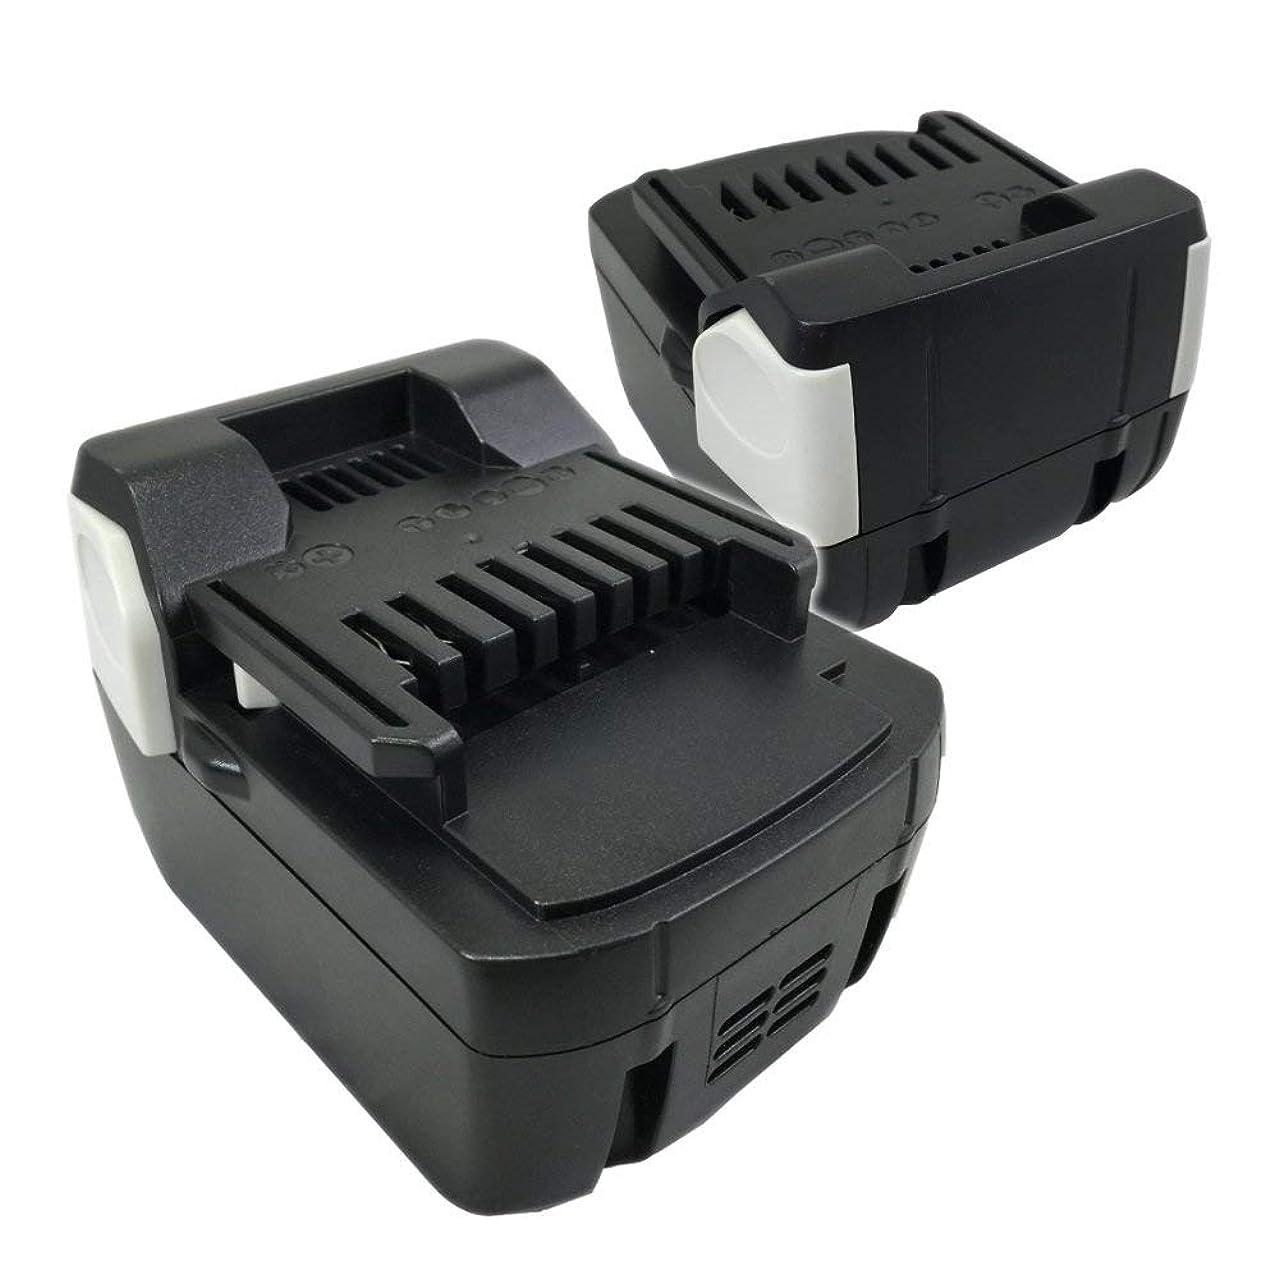 突然投げ捨てる石2個セット 日立工機 Hitachi BSL1430 互換バッテリー 14.4V 3000mAh BSL1440 BSL1450 BSL1460 互換品